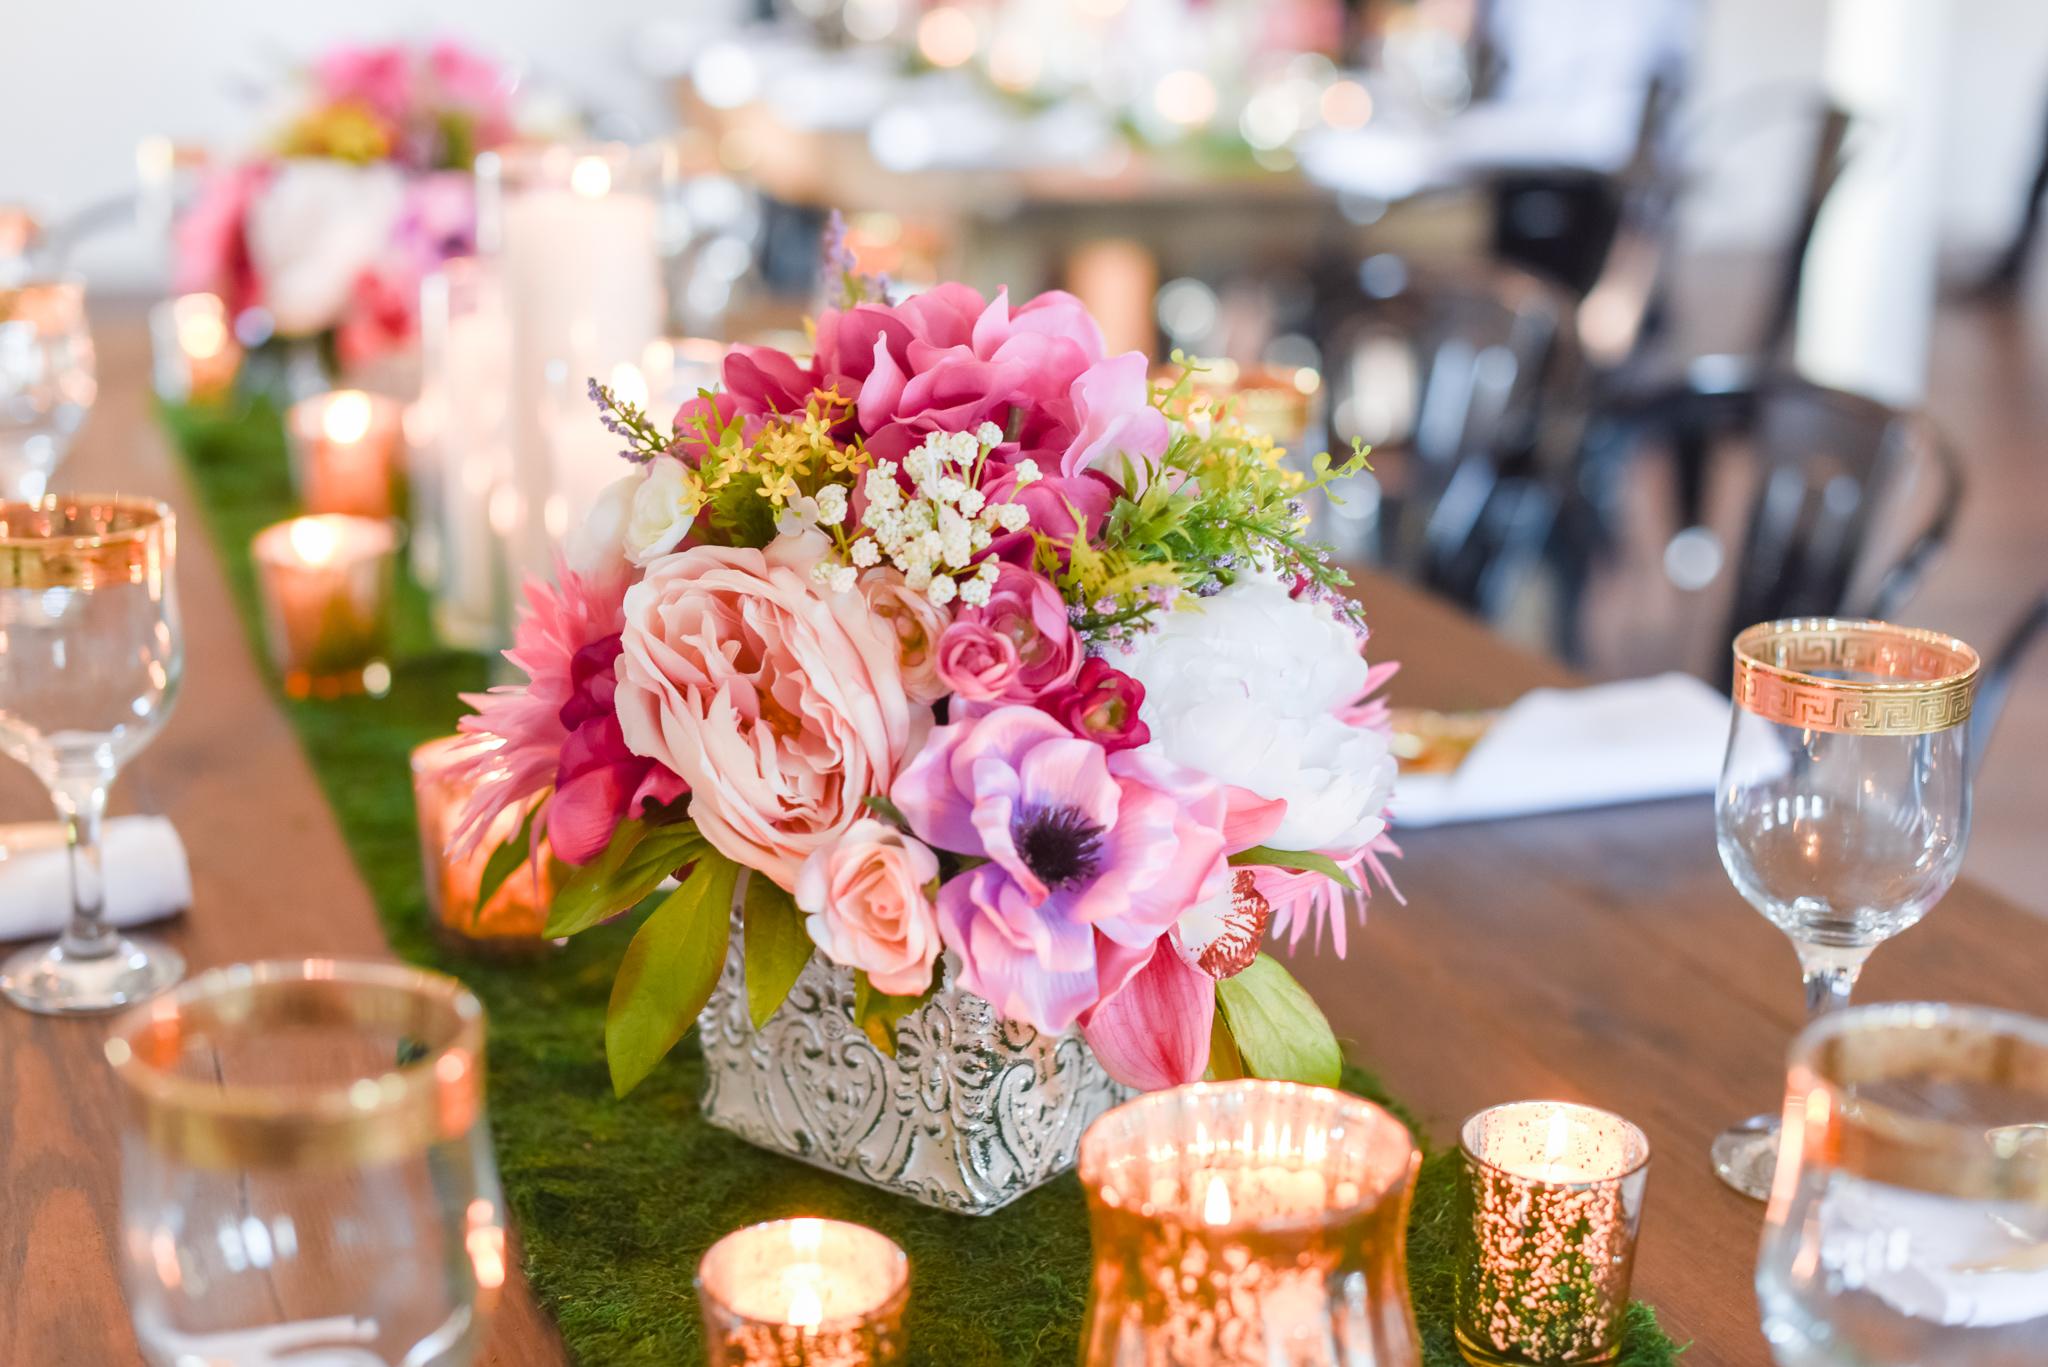 Wedding Reception at Bash in Carmel Indiana7689.jpg